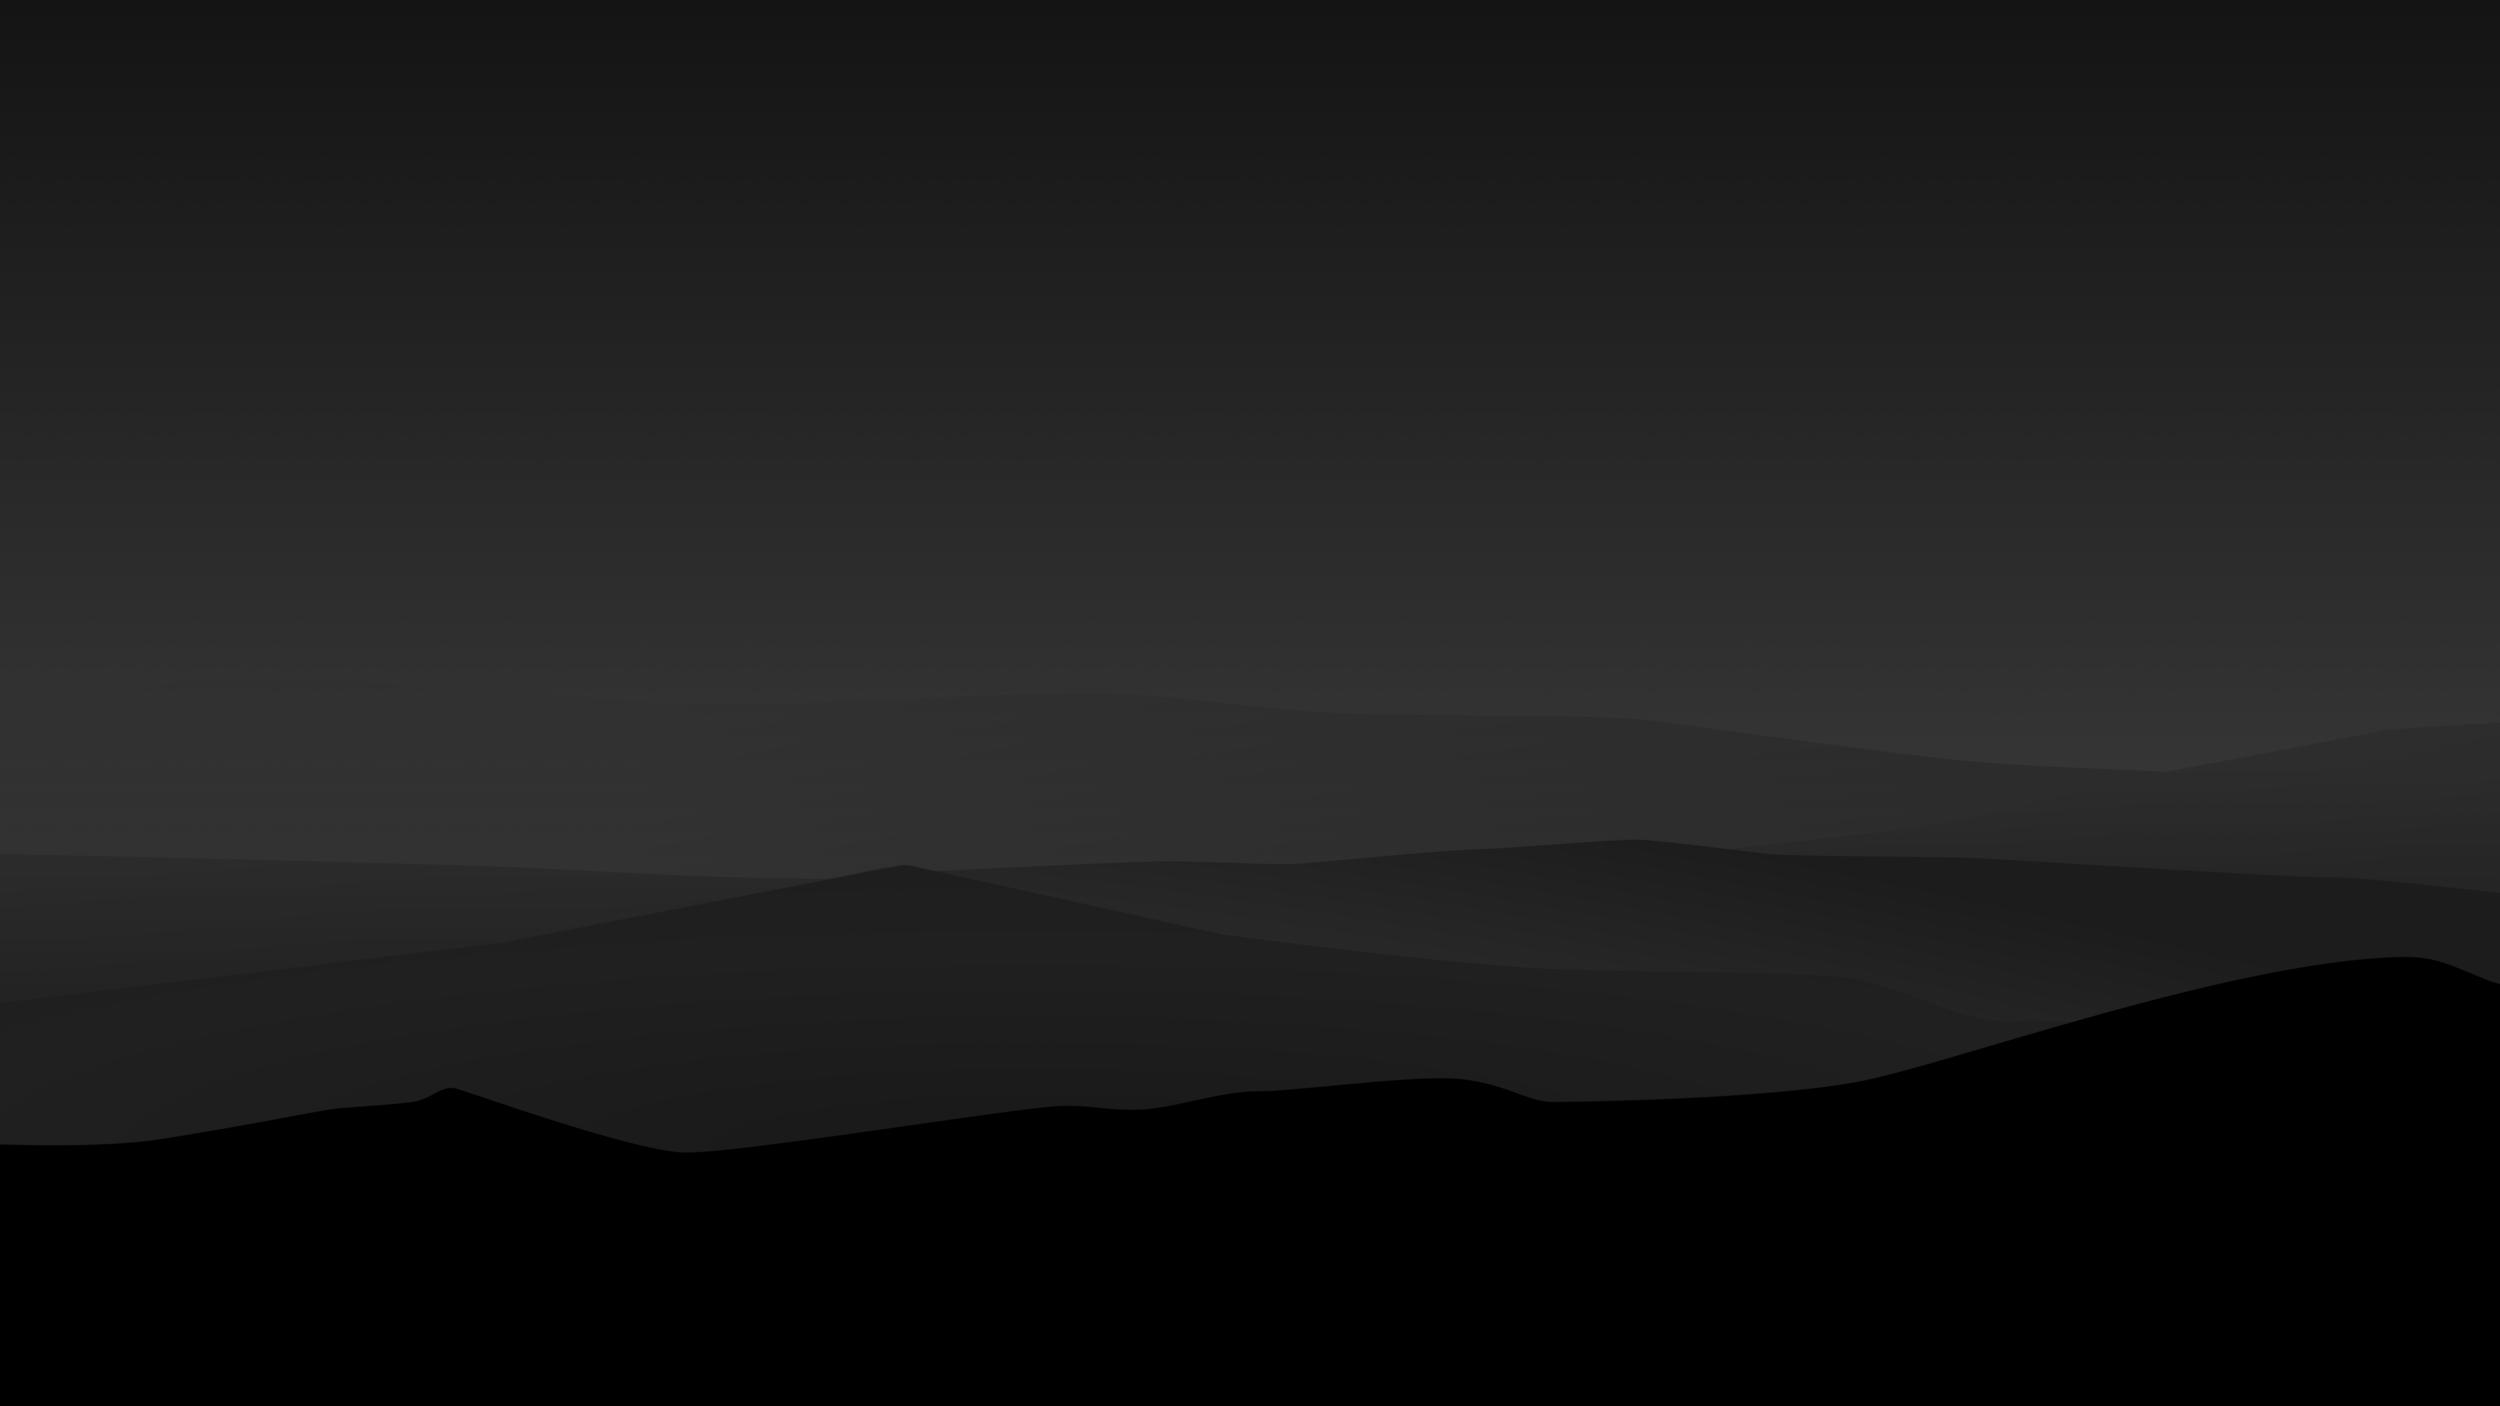 Minimal-Mountain-Wallpaper-Dark-Nightime-1.png